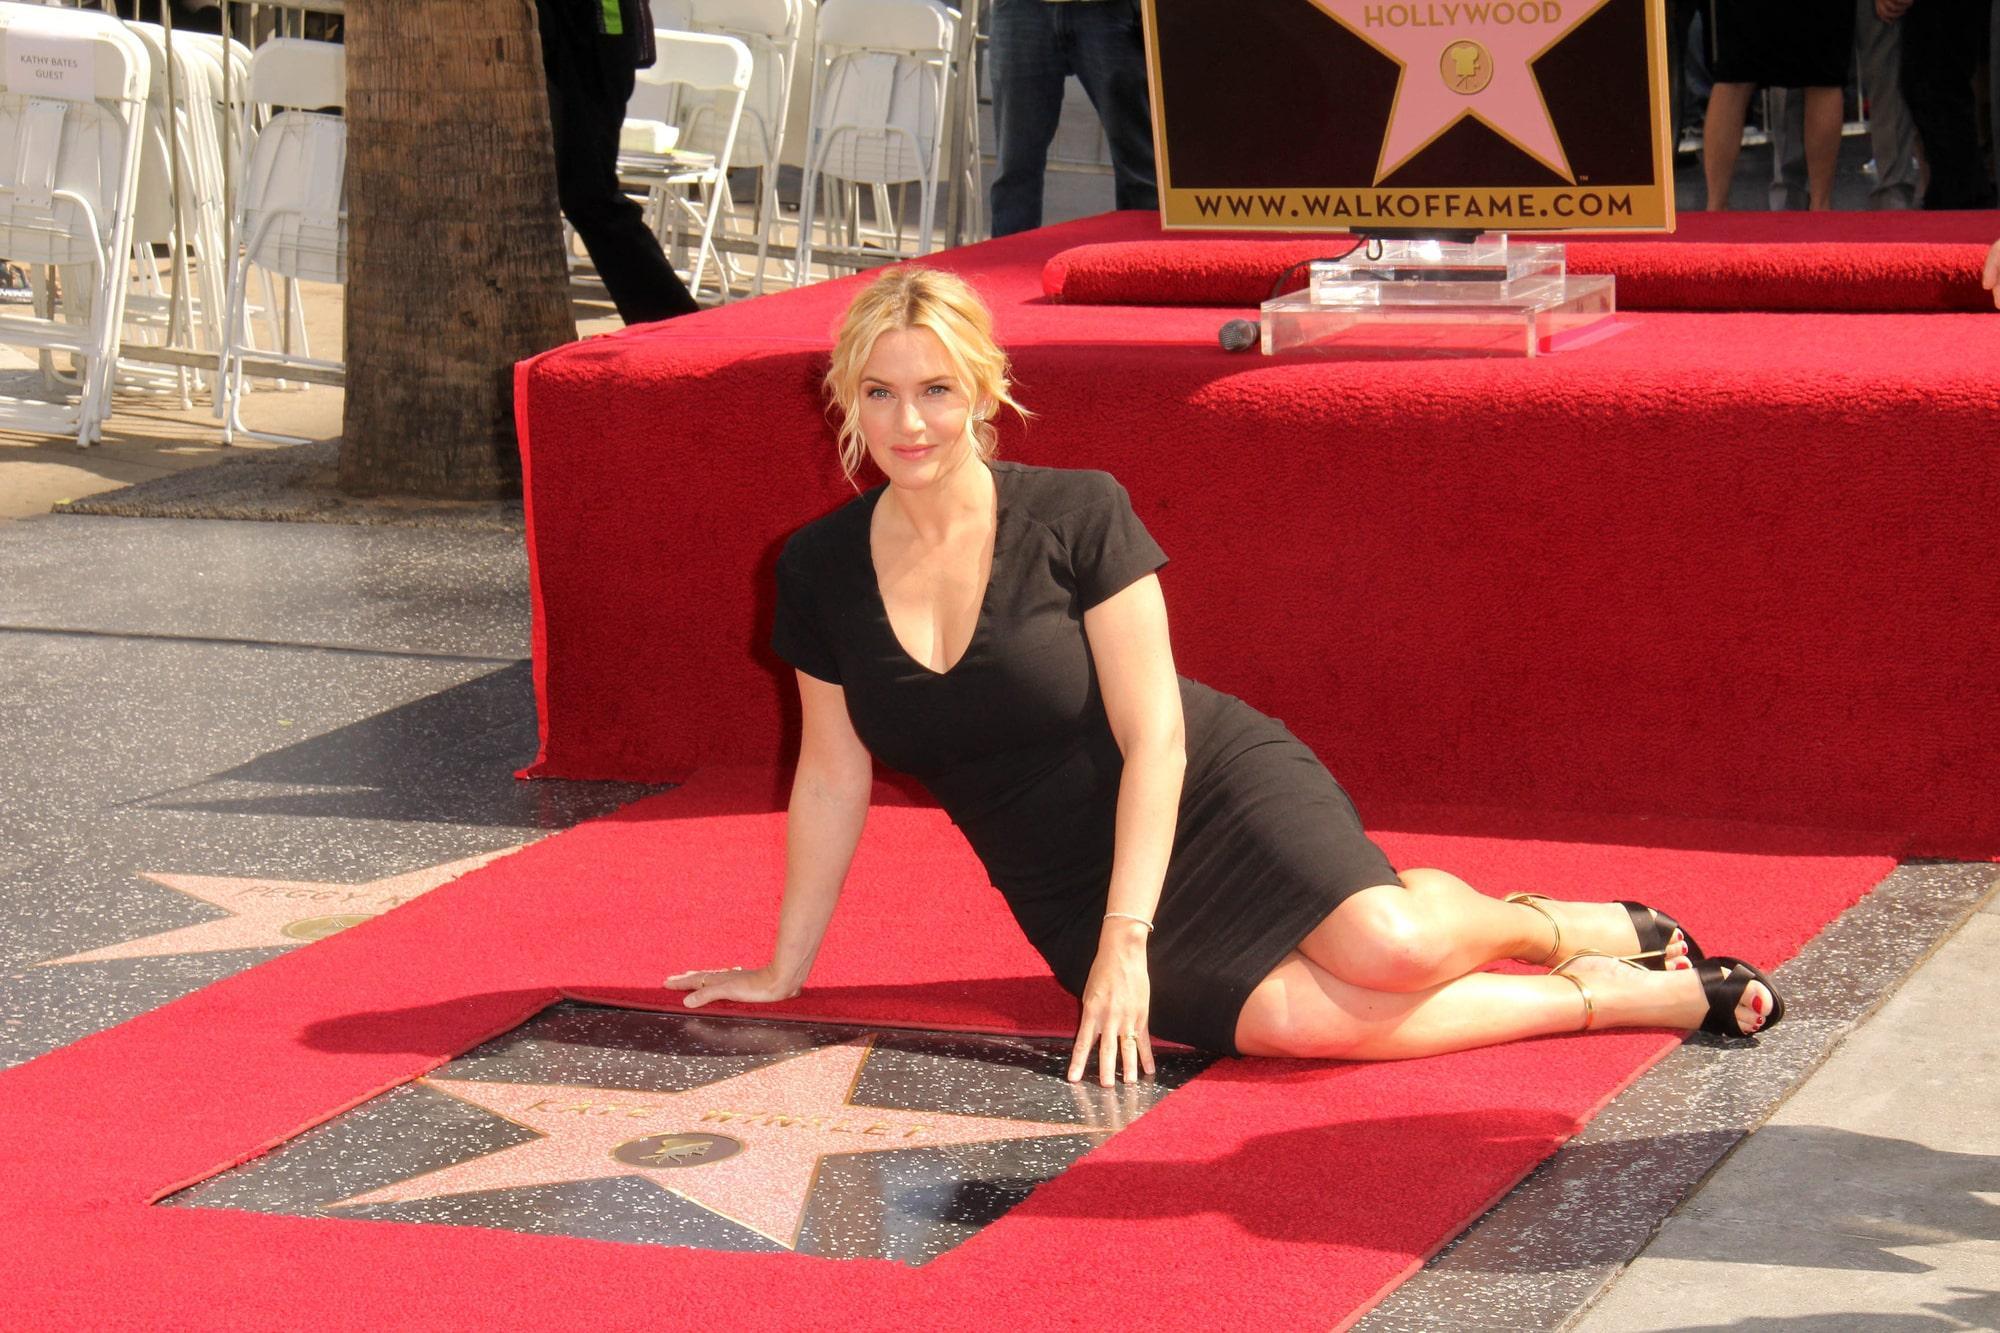 Кейт Уинслет исполнилось 45. Вспоминаем ее самые яркие роли